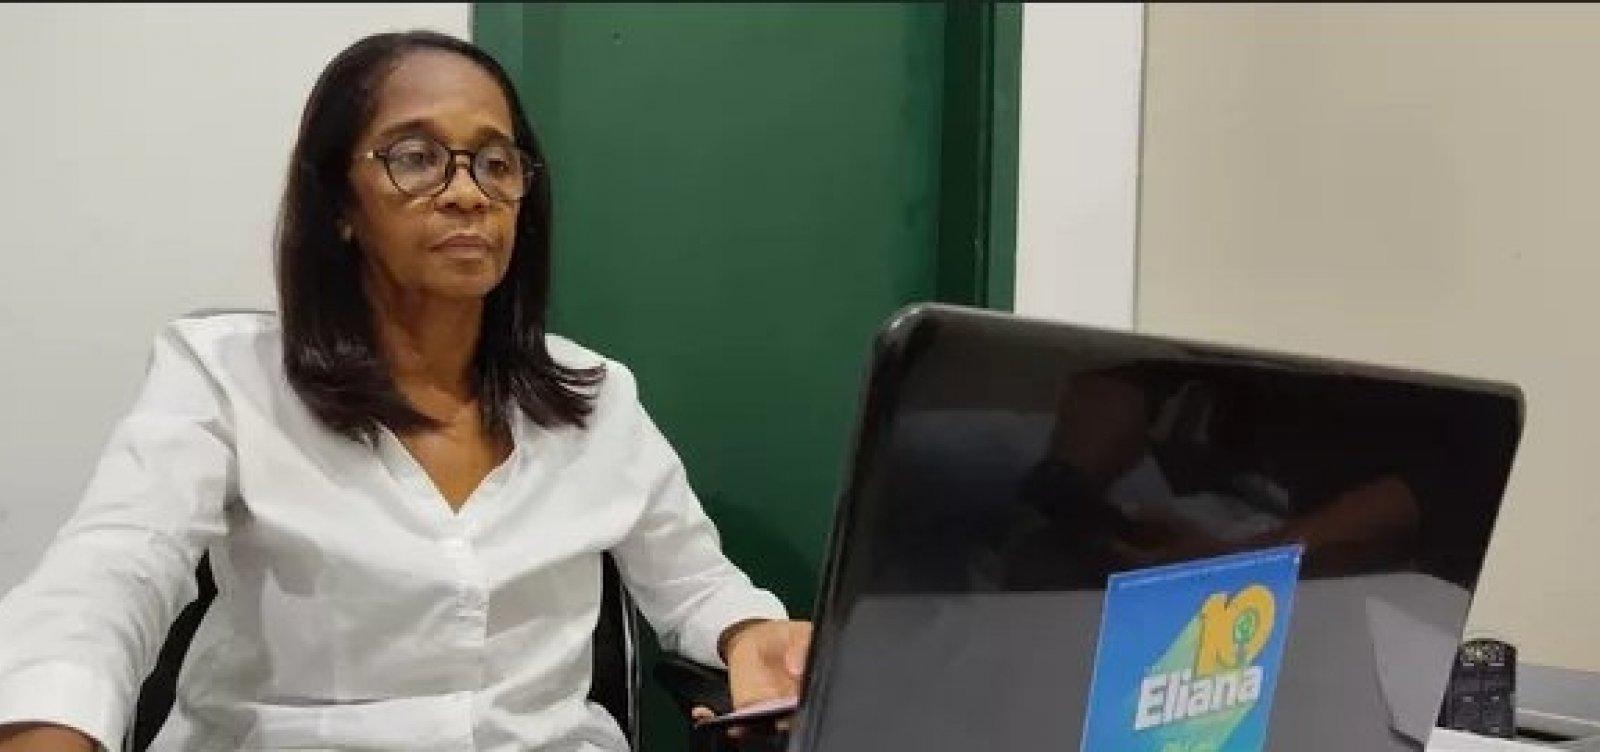 Primeira mulher prefeita de Cachoeira relata ameaças de morte após assumir o cargo